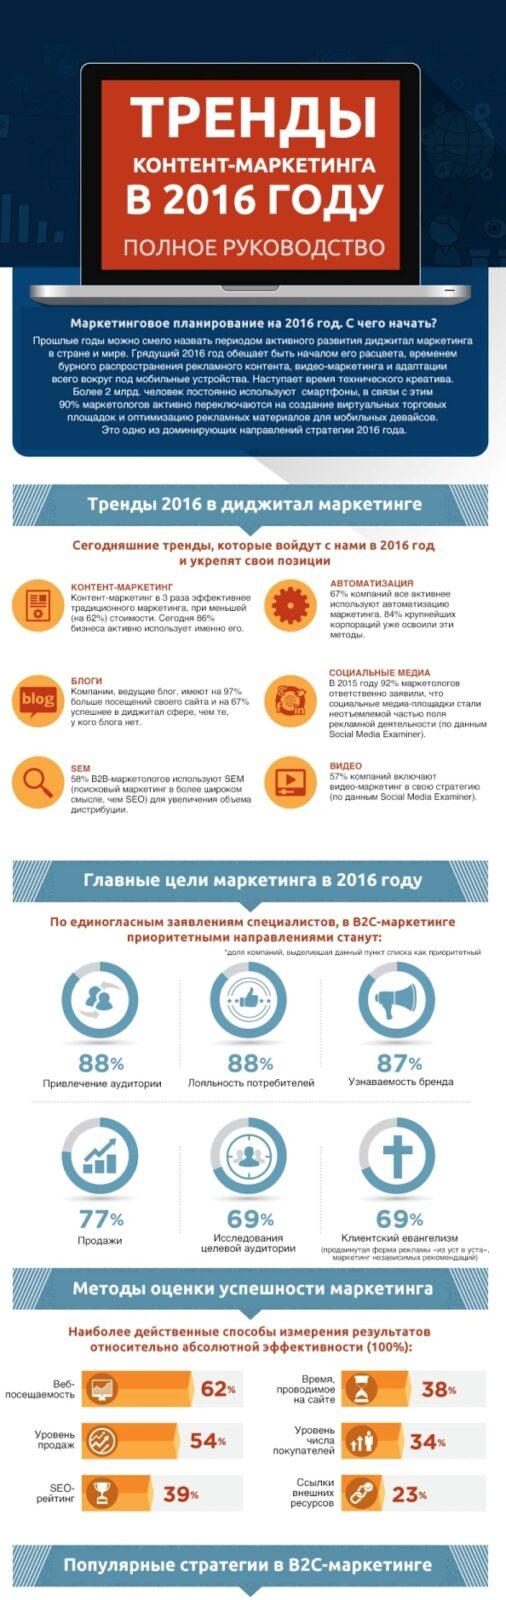 ПОЛНОЕ РУКОВОДСТВО ПО ТРЕНДАМ КОНТЕНТ-МАРКЕТИНГА НА 2016. ИНФОГРАФИКА